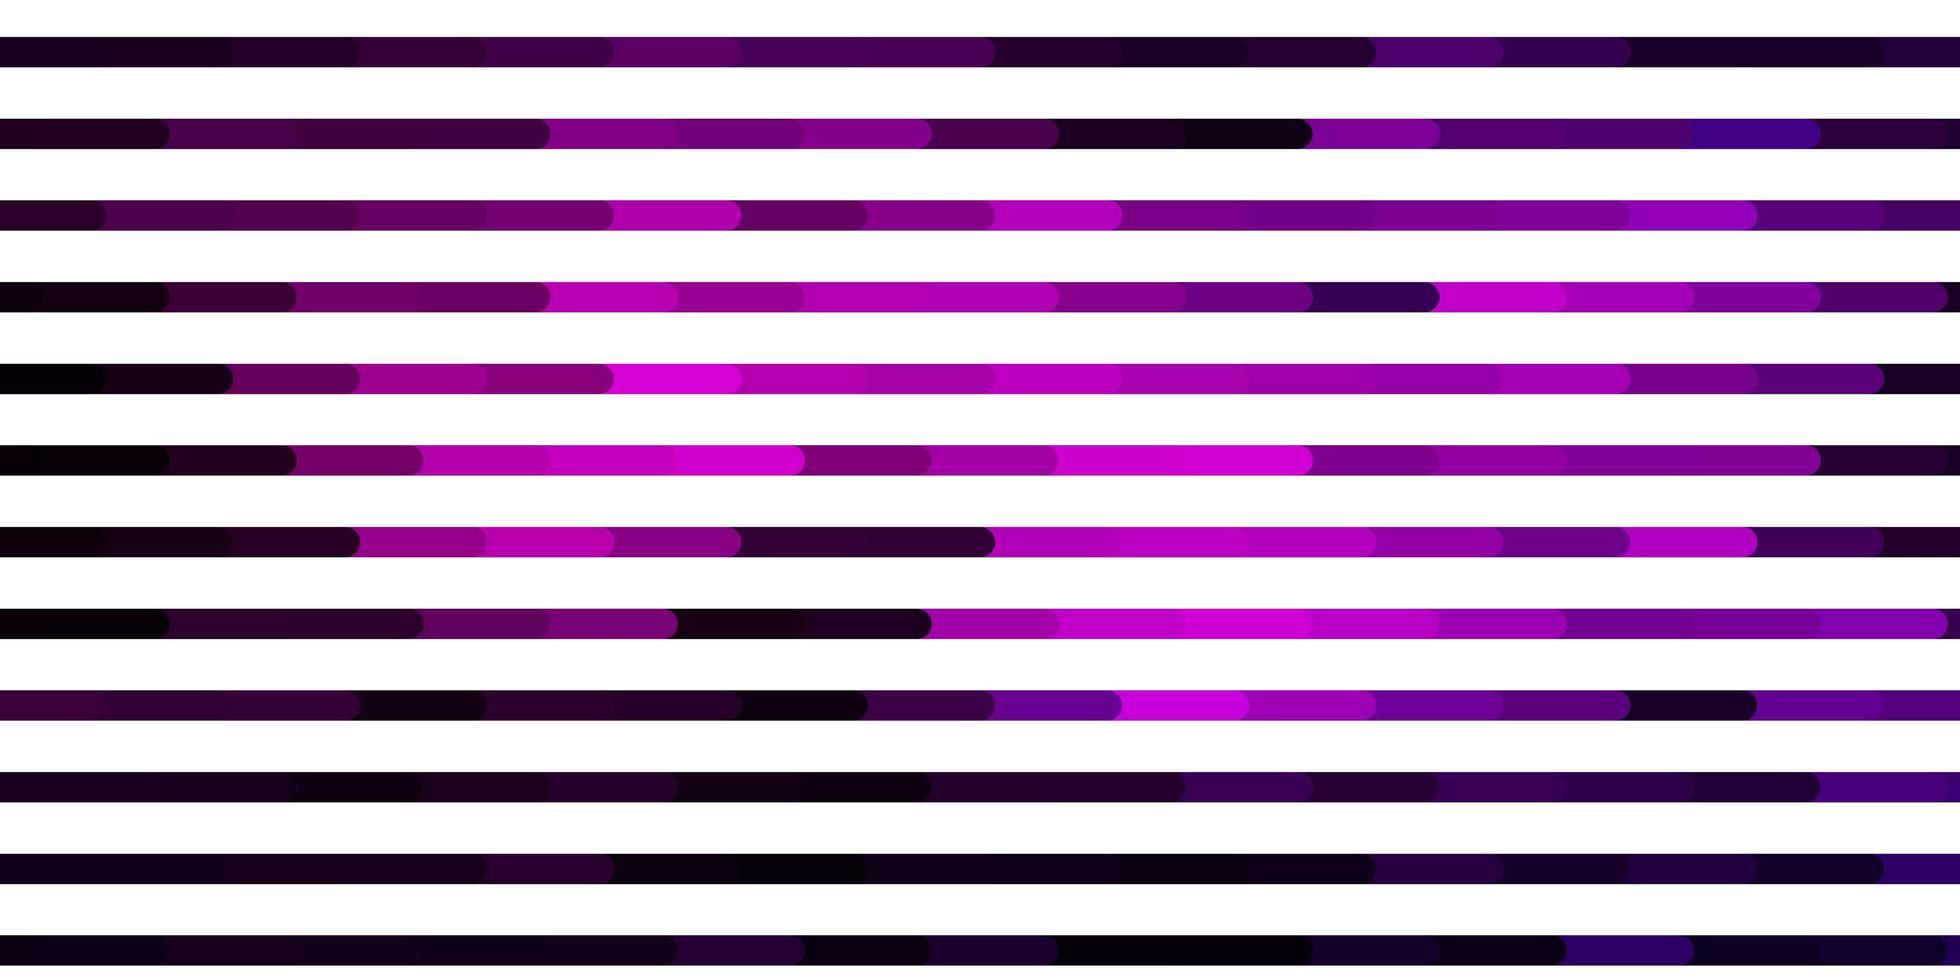 donkerroze vectorachtergrond met lijnen. vector